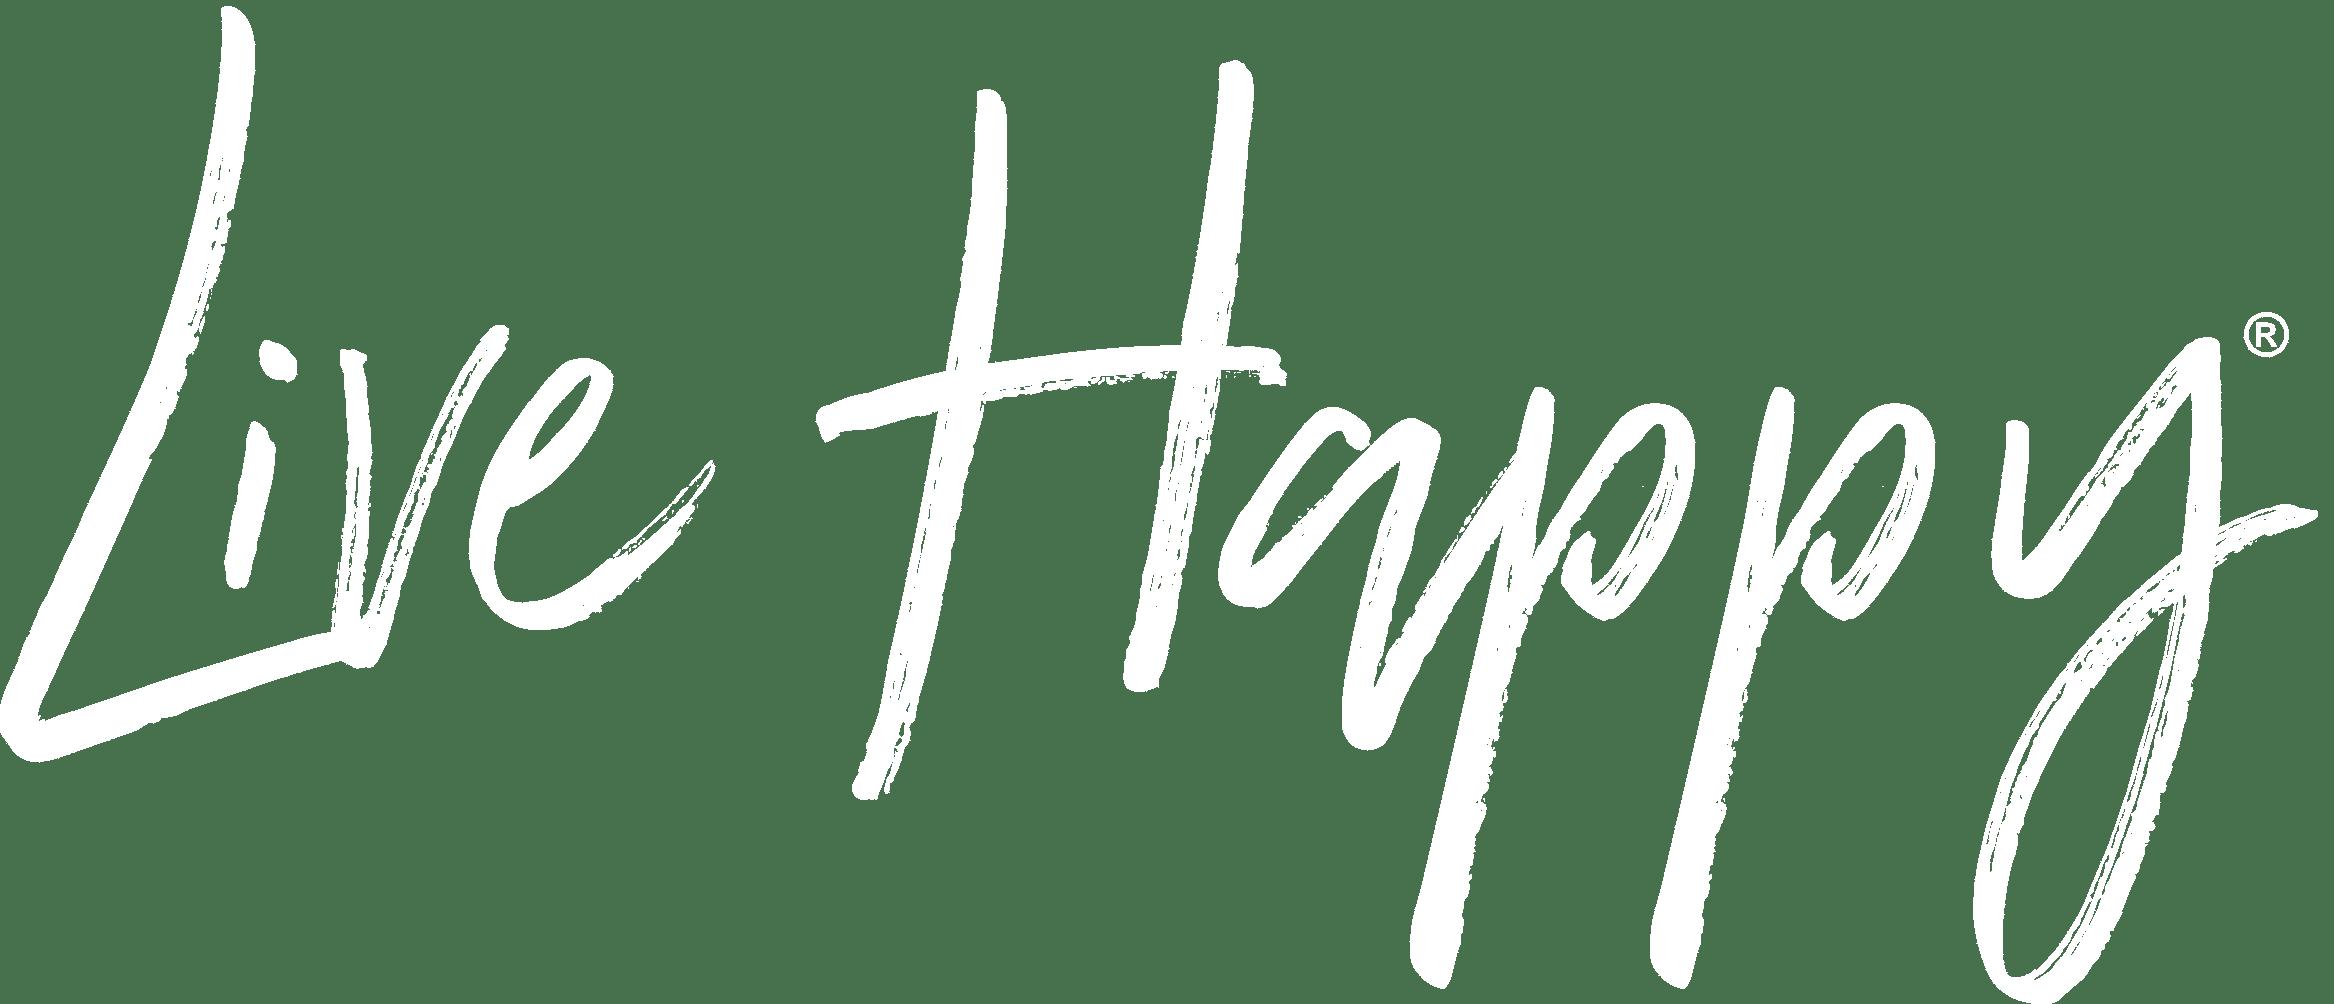 Live Happy hero